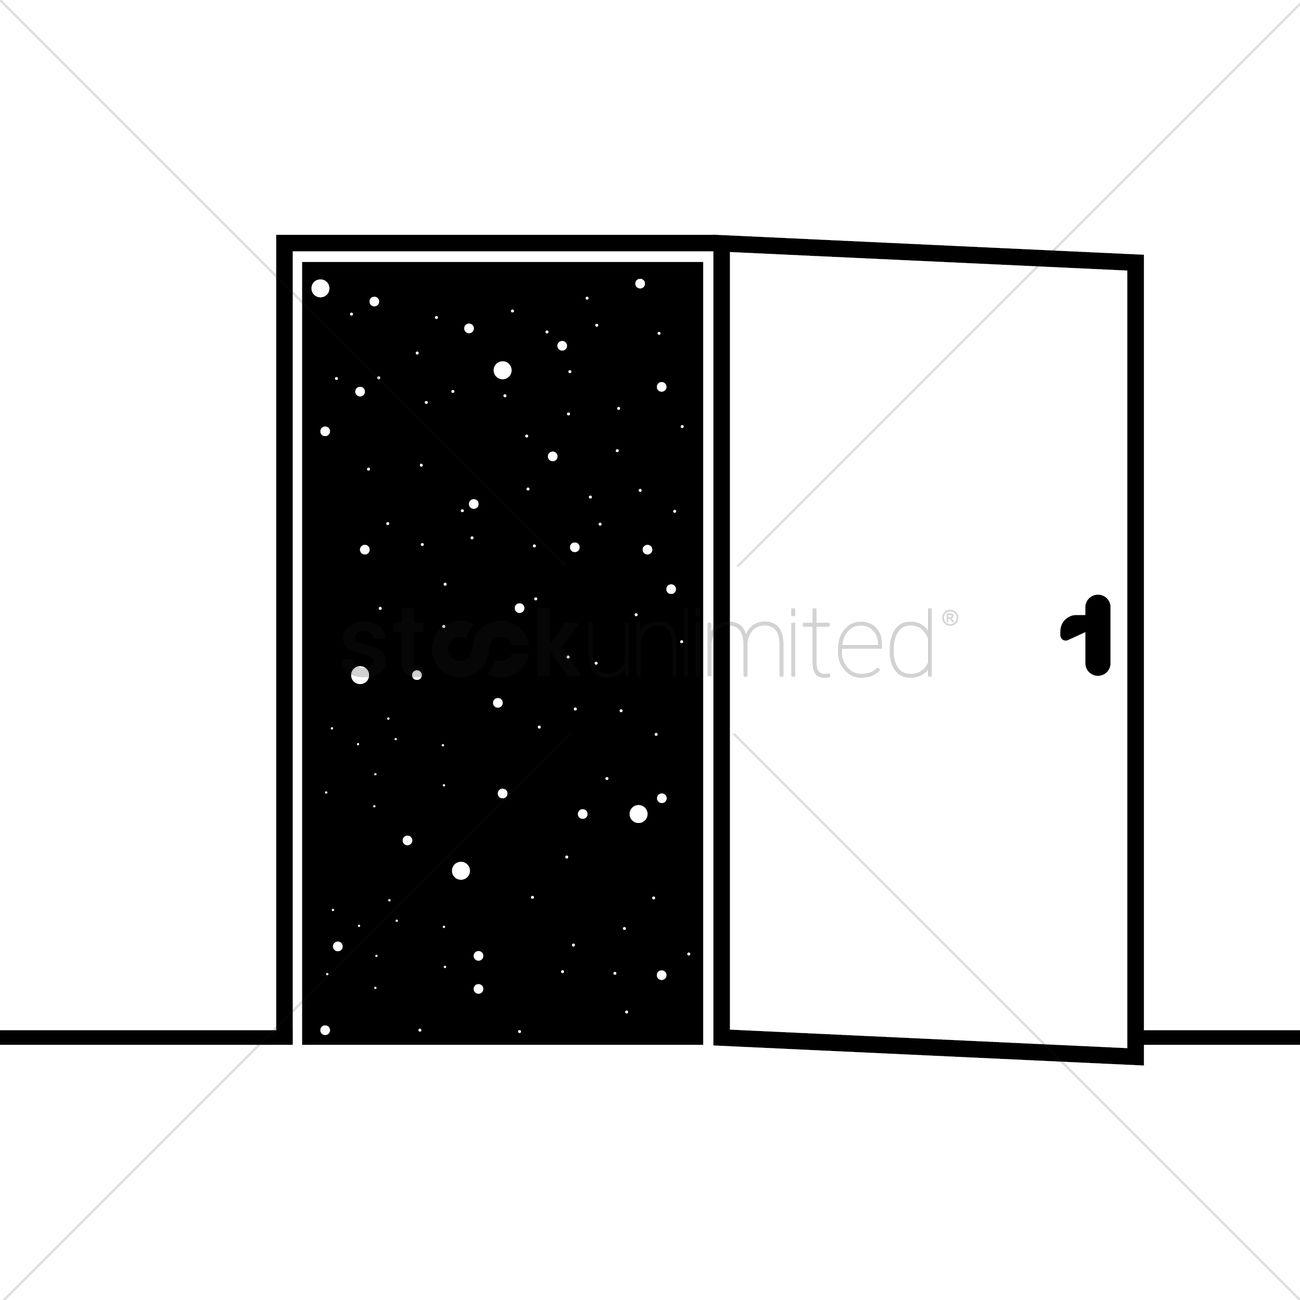 starry sky view from open door vector graphic  sc 1 st  StockUnlimited & Starry sky view from open door Vector Image - 1706058 | StockUnlimited